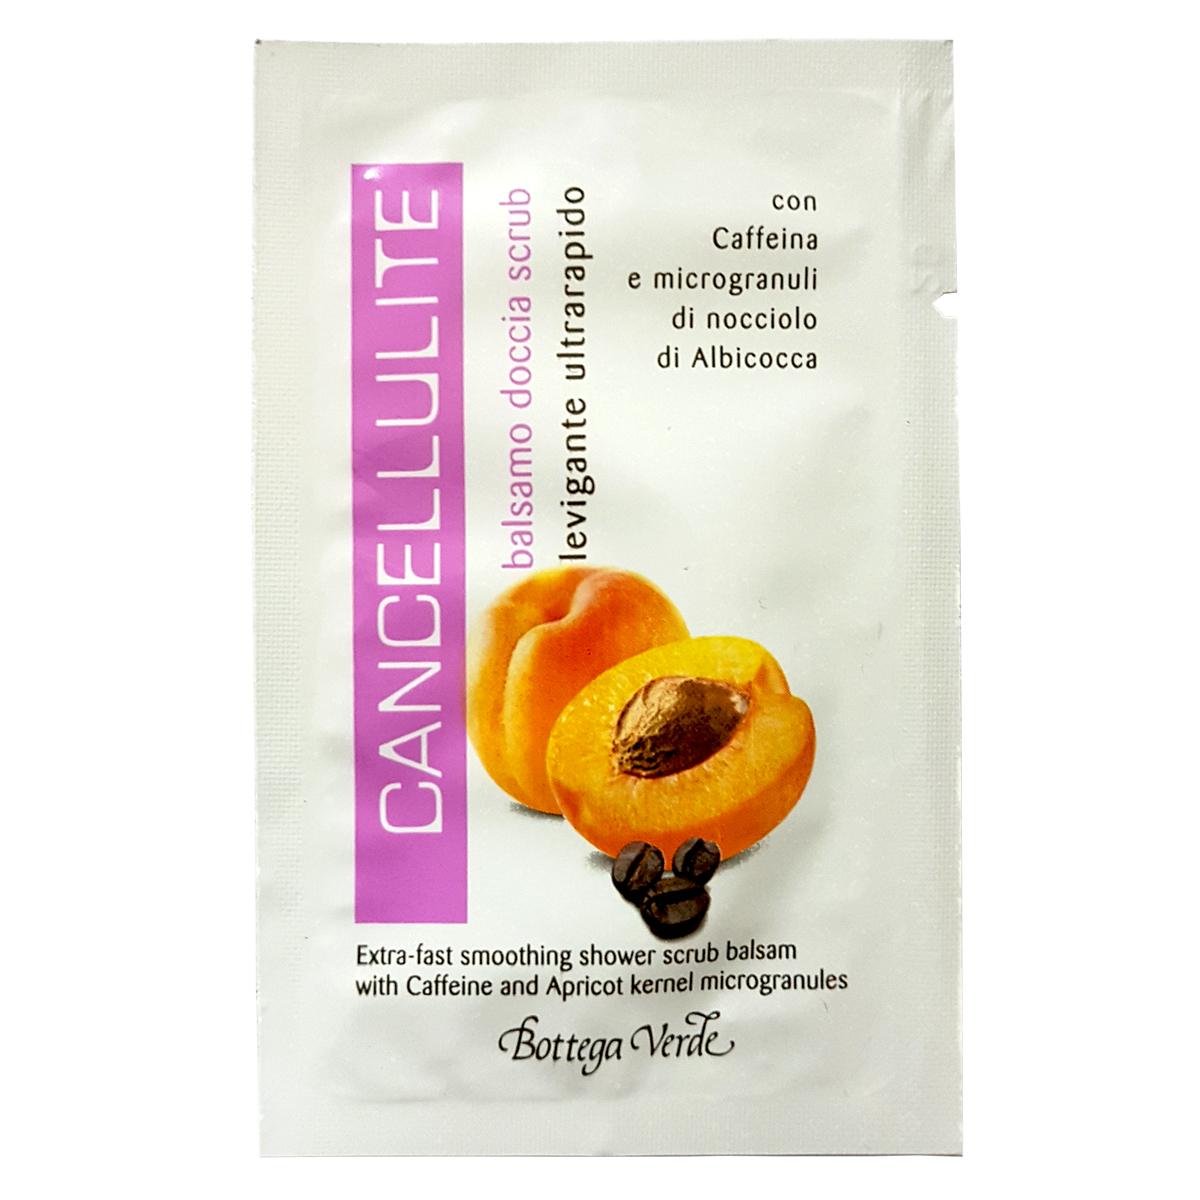 Mostra - Gel de dus balsam - scrub cu extract de cofeina si microgranule din samburi de caise